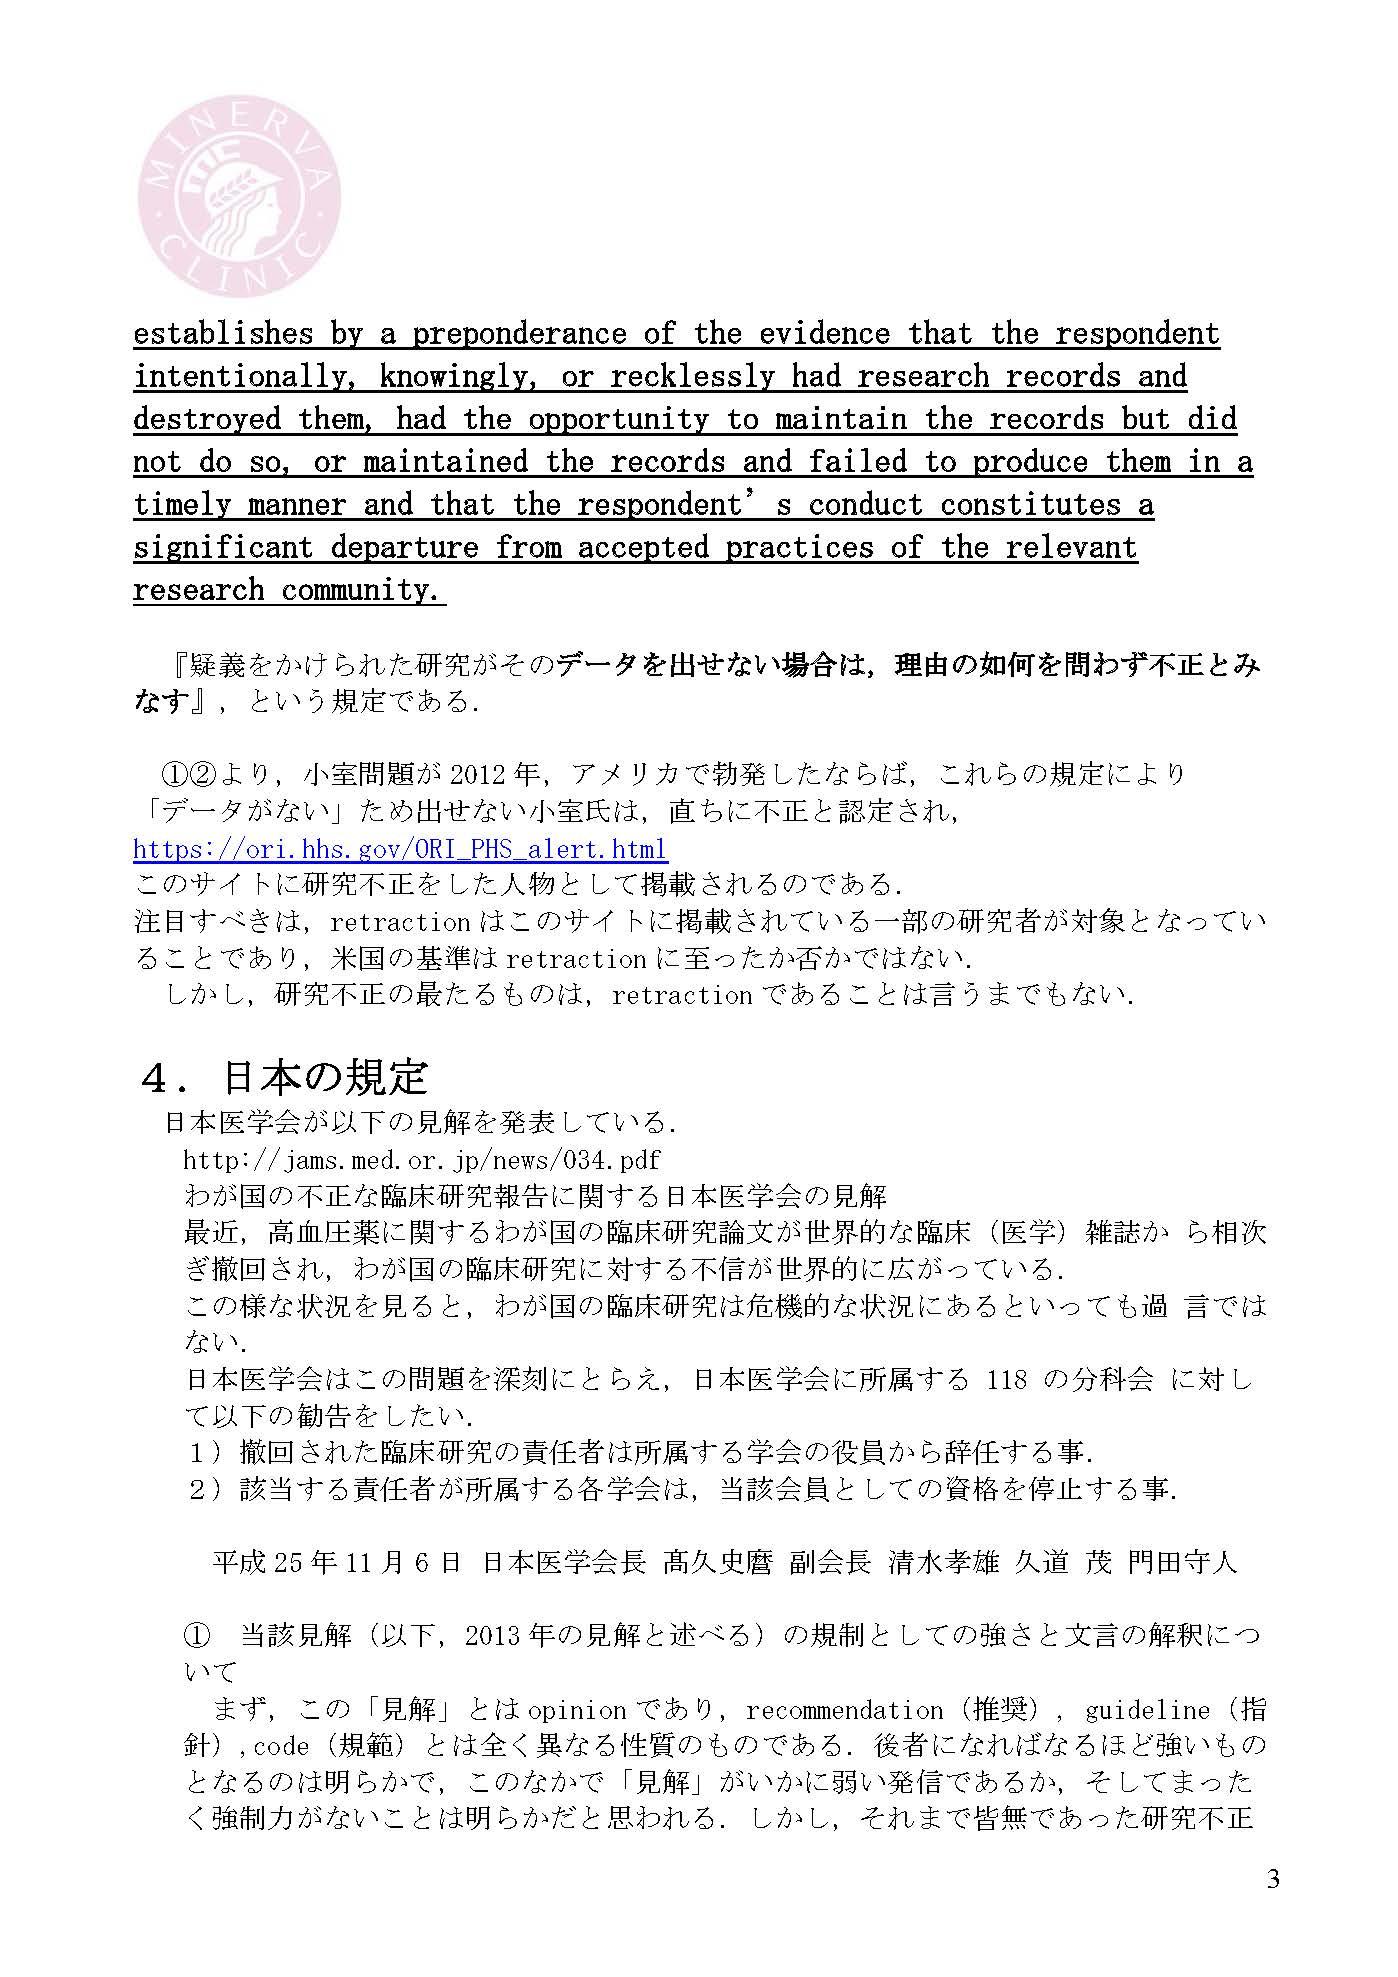 小室問題こっちが正しいバージョン2019060101_ページ_3